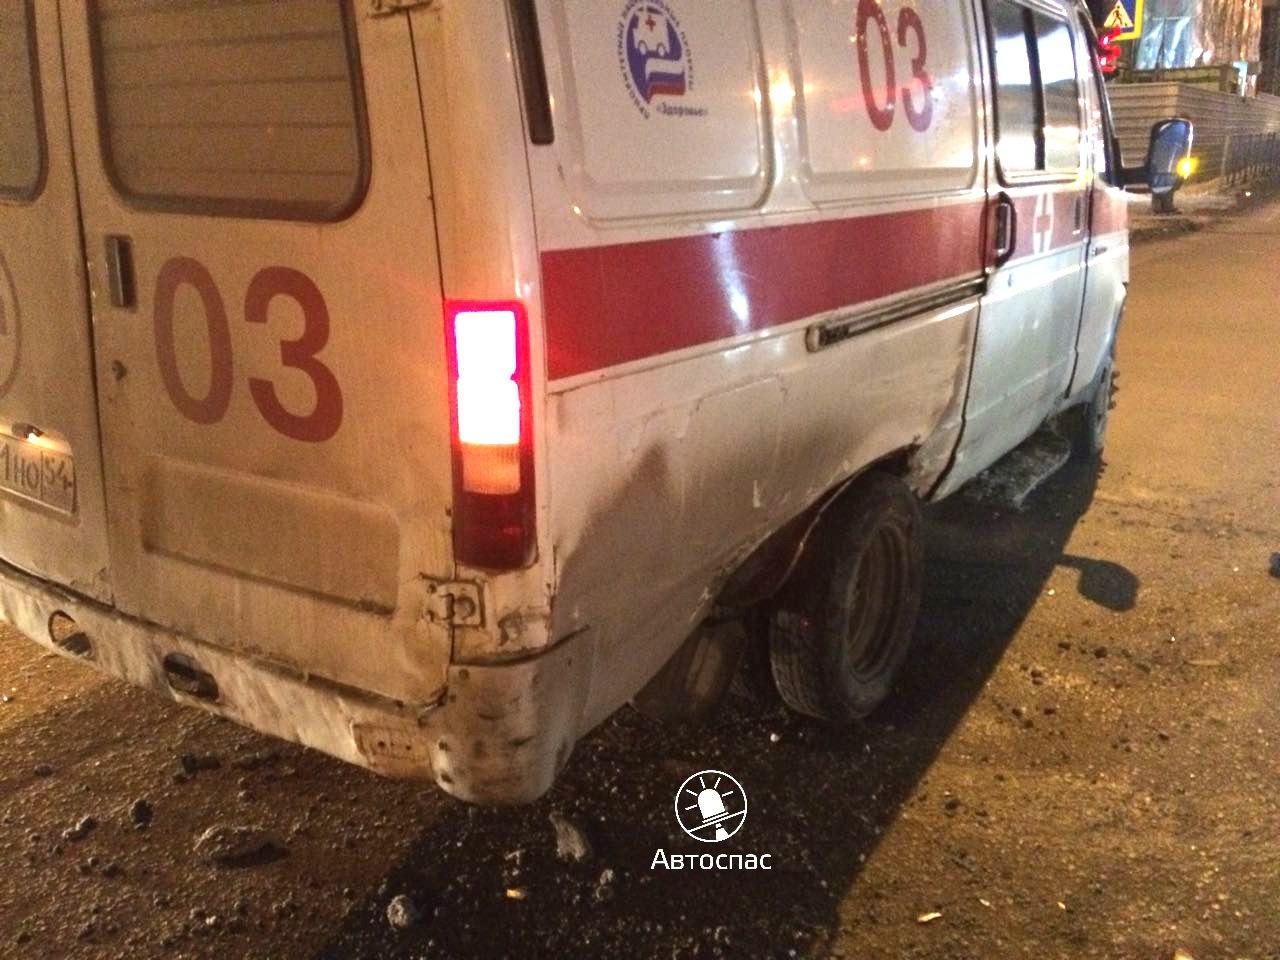 В Калининском районе Новосибирска 19 ноября после 21.00 часов вечера иномарка протаранила скорую помощь. По данным автомобильного приложения Автоспас, ДТП произошло на перекрёстке улиц Ипподромская и Кропоткина, когда машины двигались во встречном направлении.